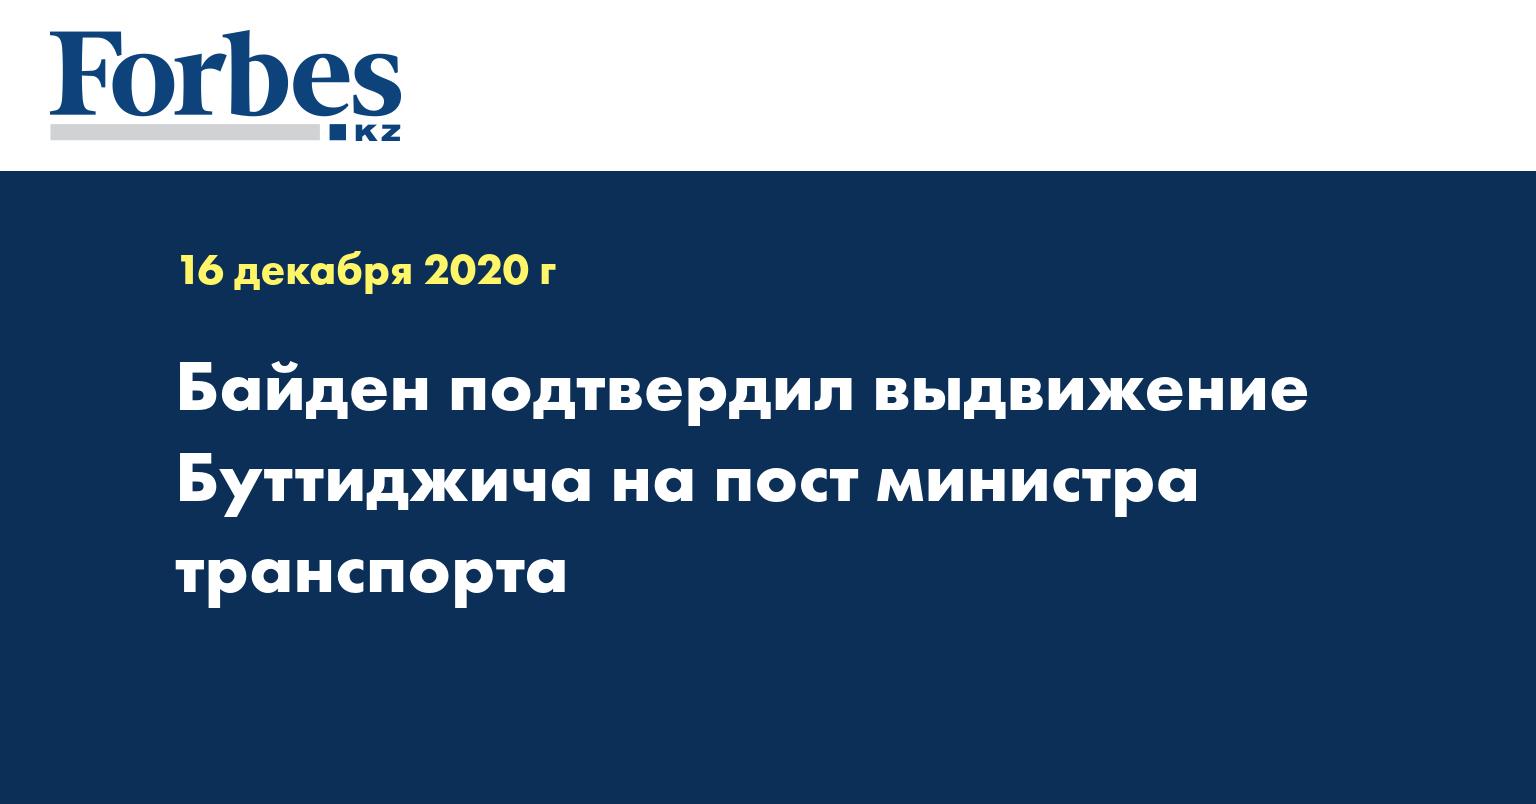 Байден подтвердил выдвижение Буттиджича на пост министра транспорта